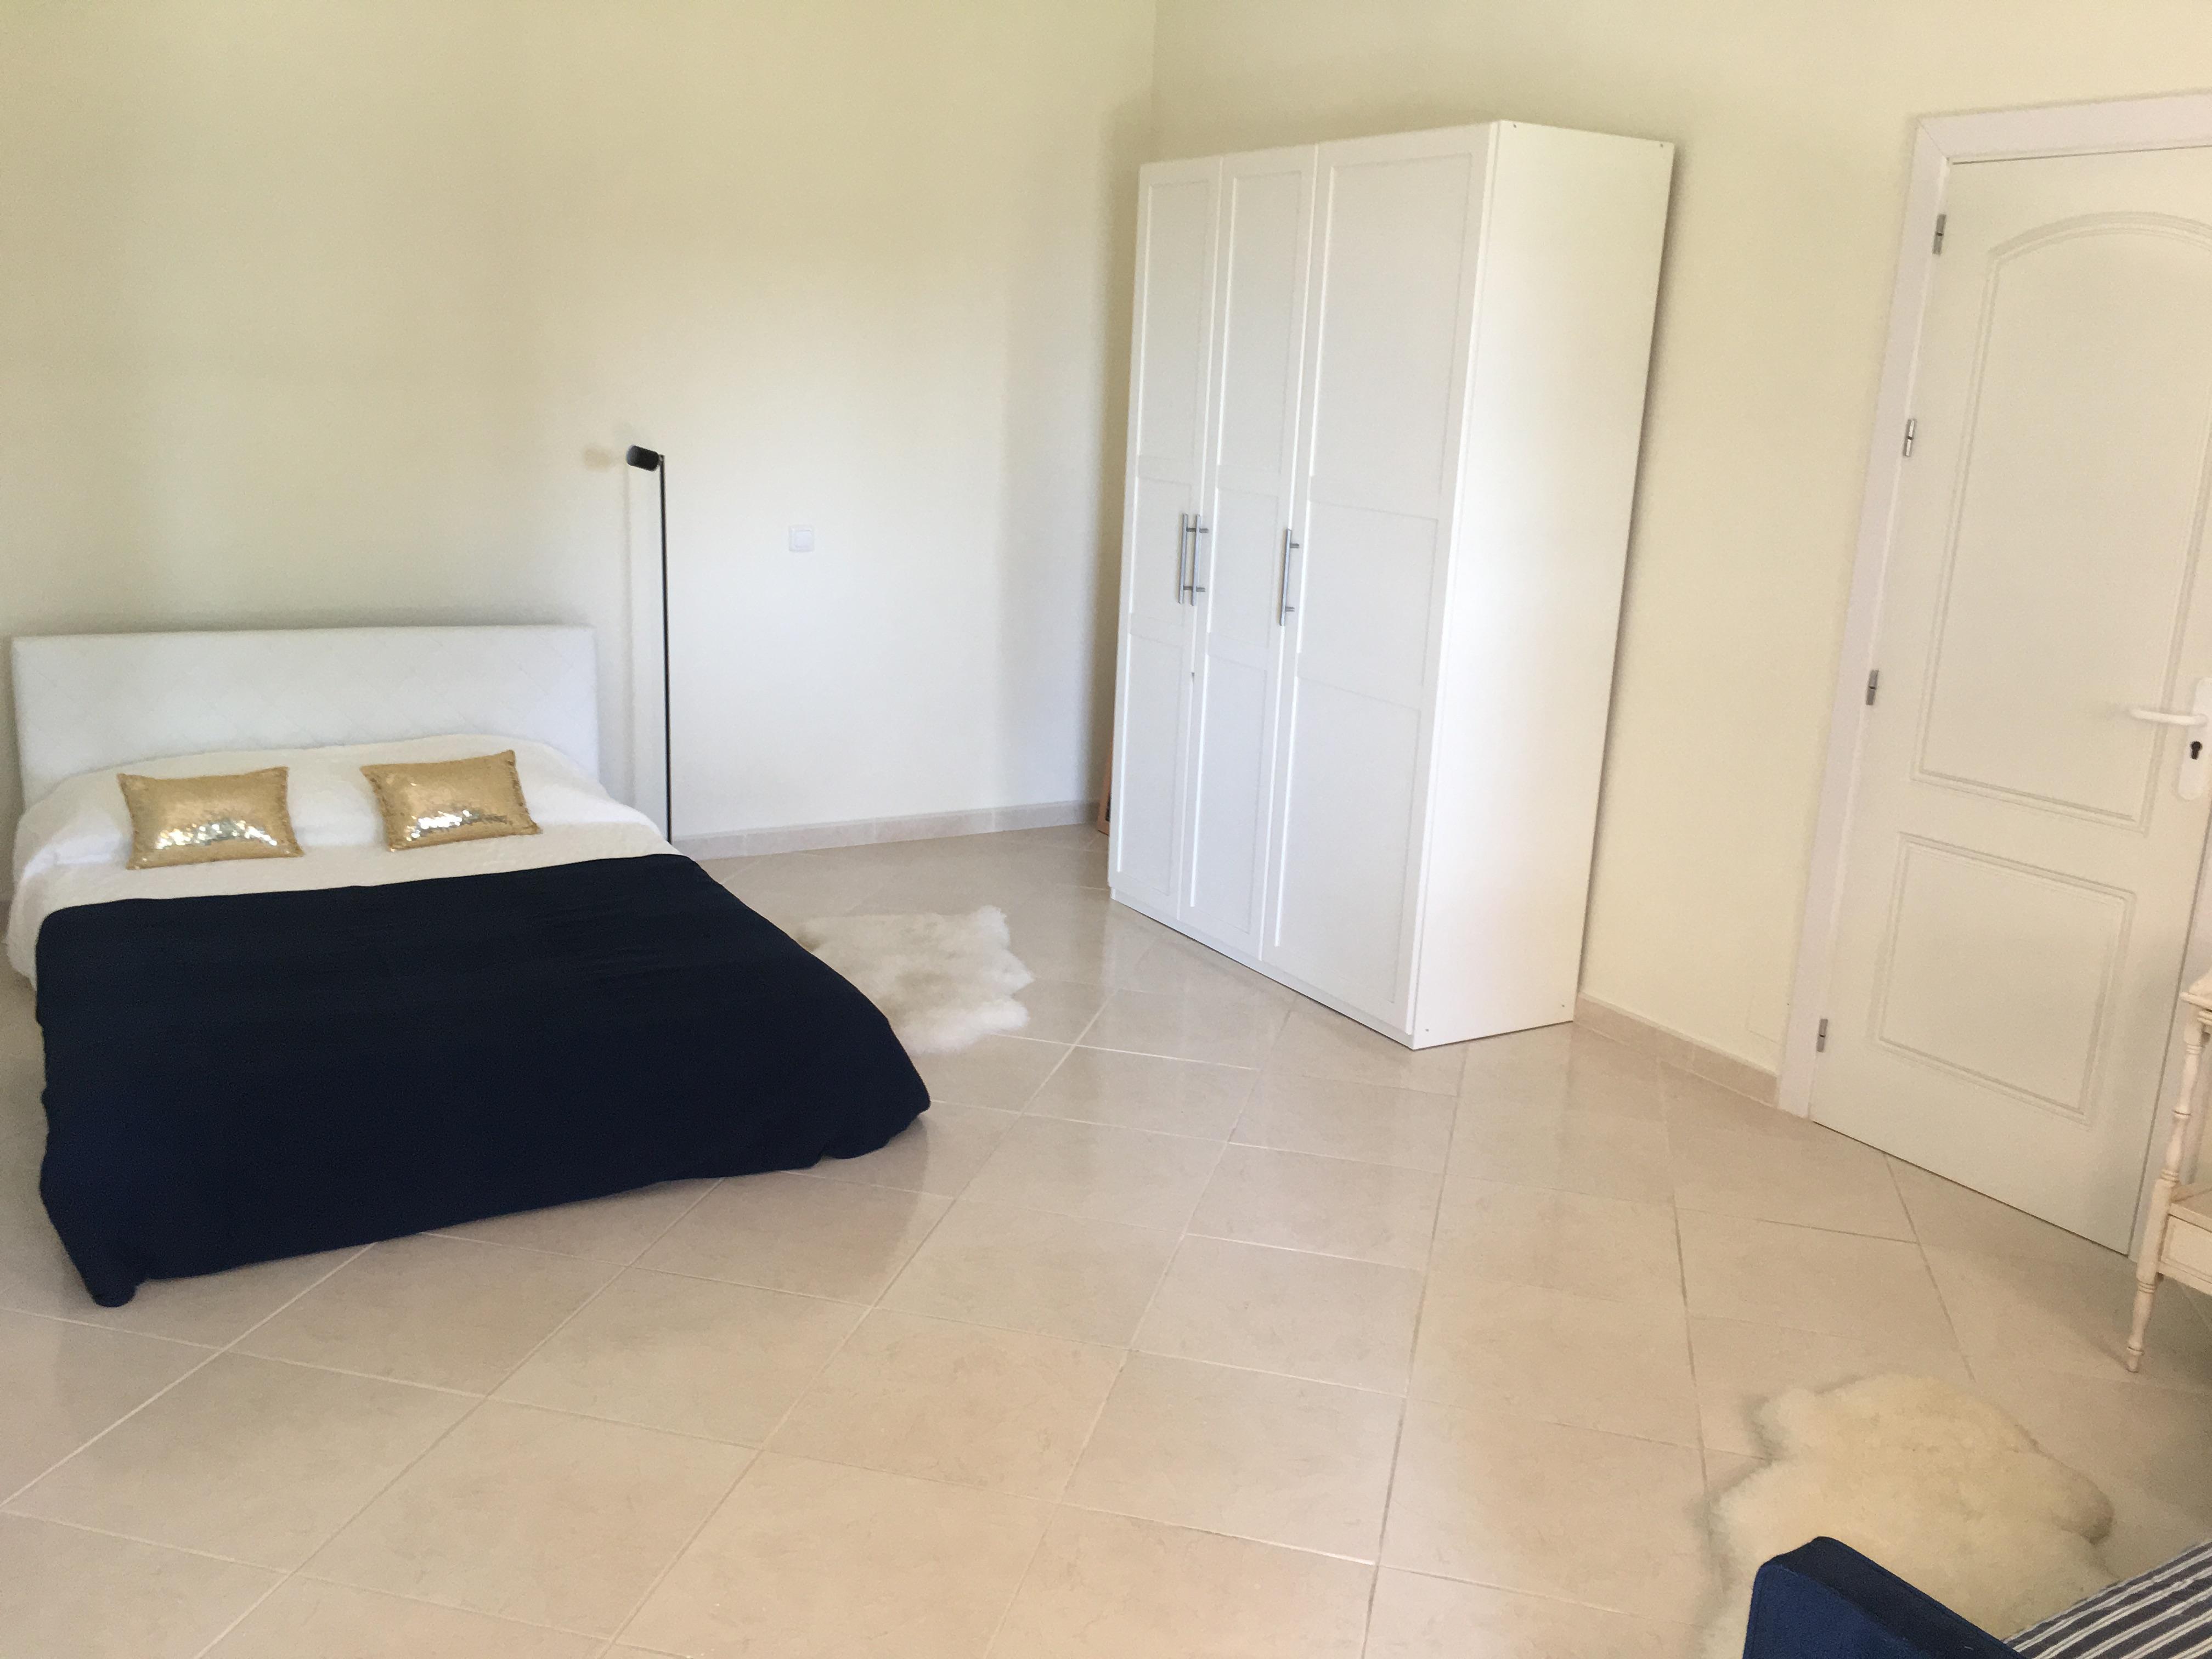 Villa Moorea, Villa available for Holiday Rental in Hacienda Las Chapas, Marbella, Spain